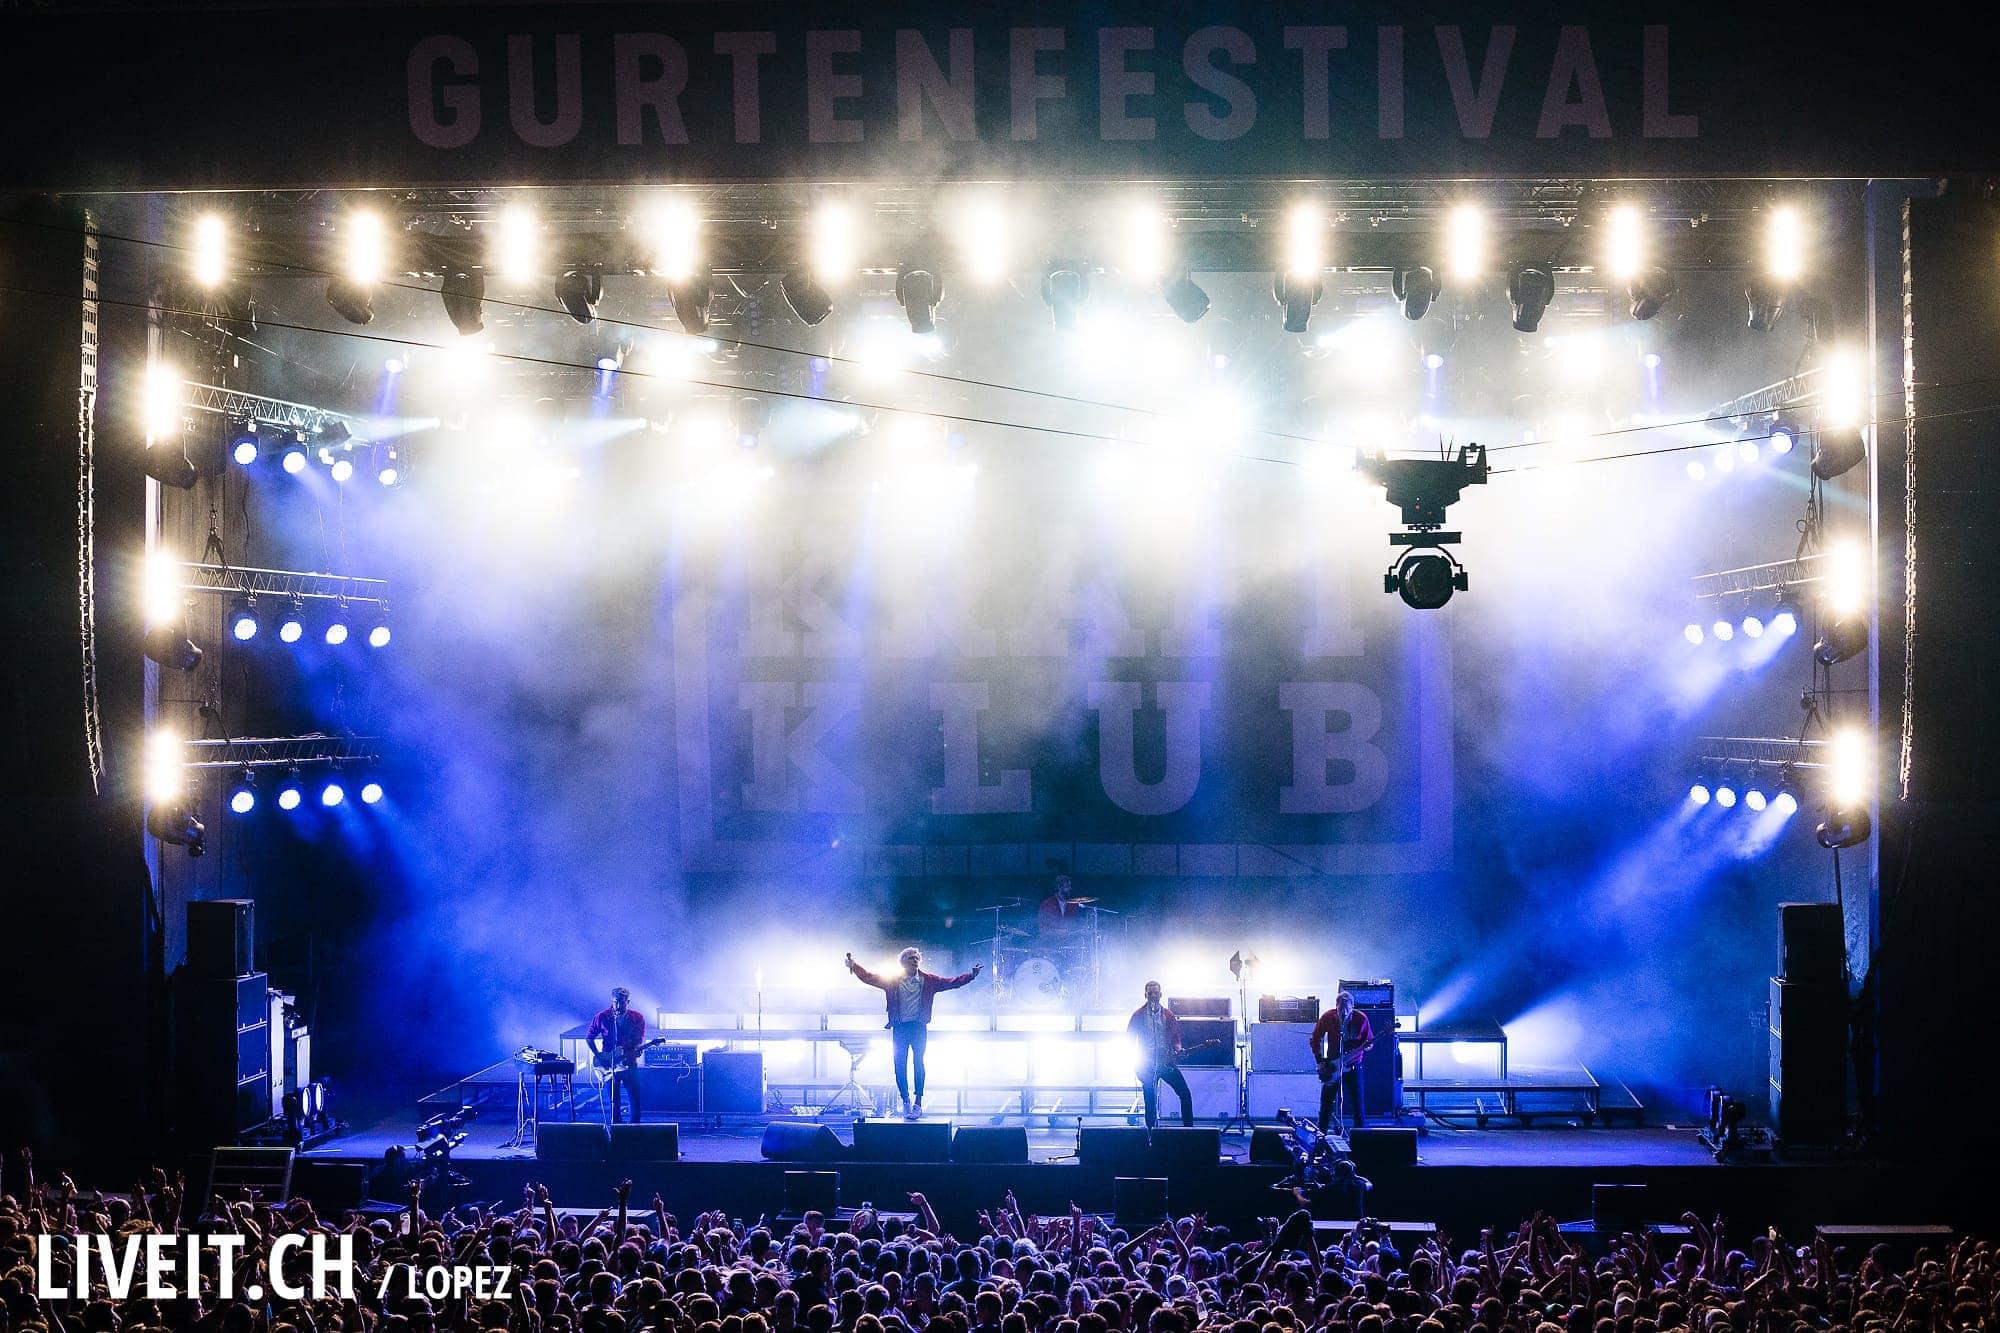 Kraftklub fotografiert am Gurtenfestival 2018 in Bern. (Manuel Lopez for Gurtenfestival)